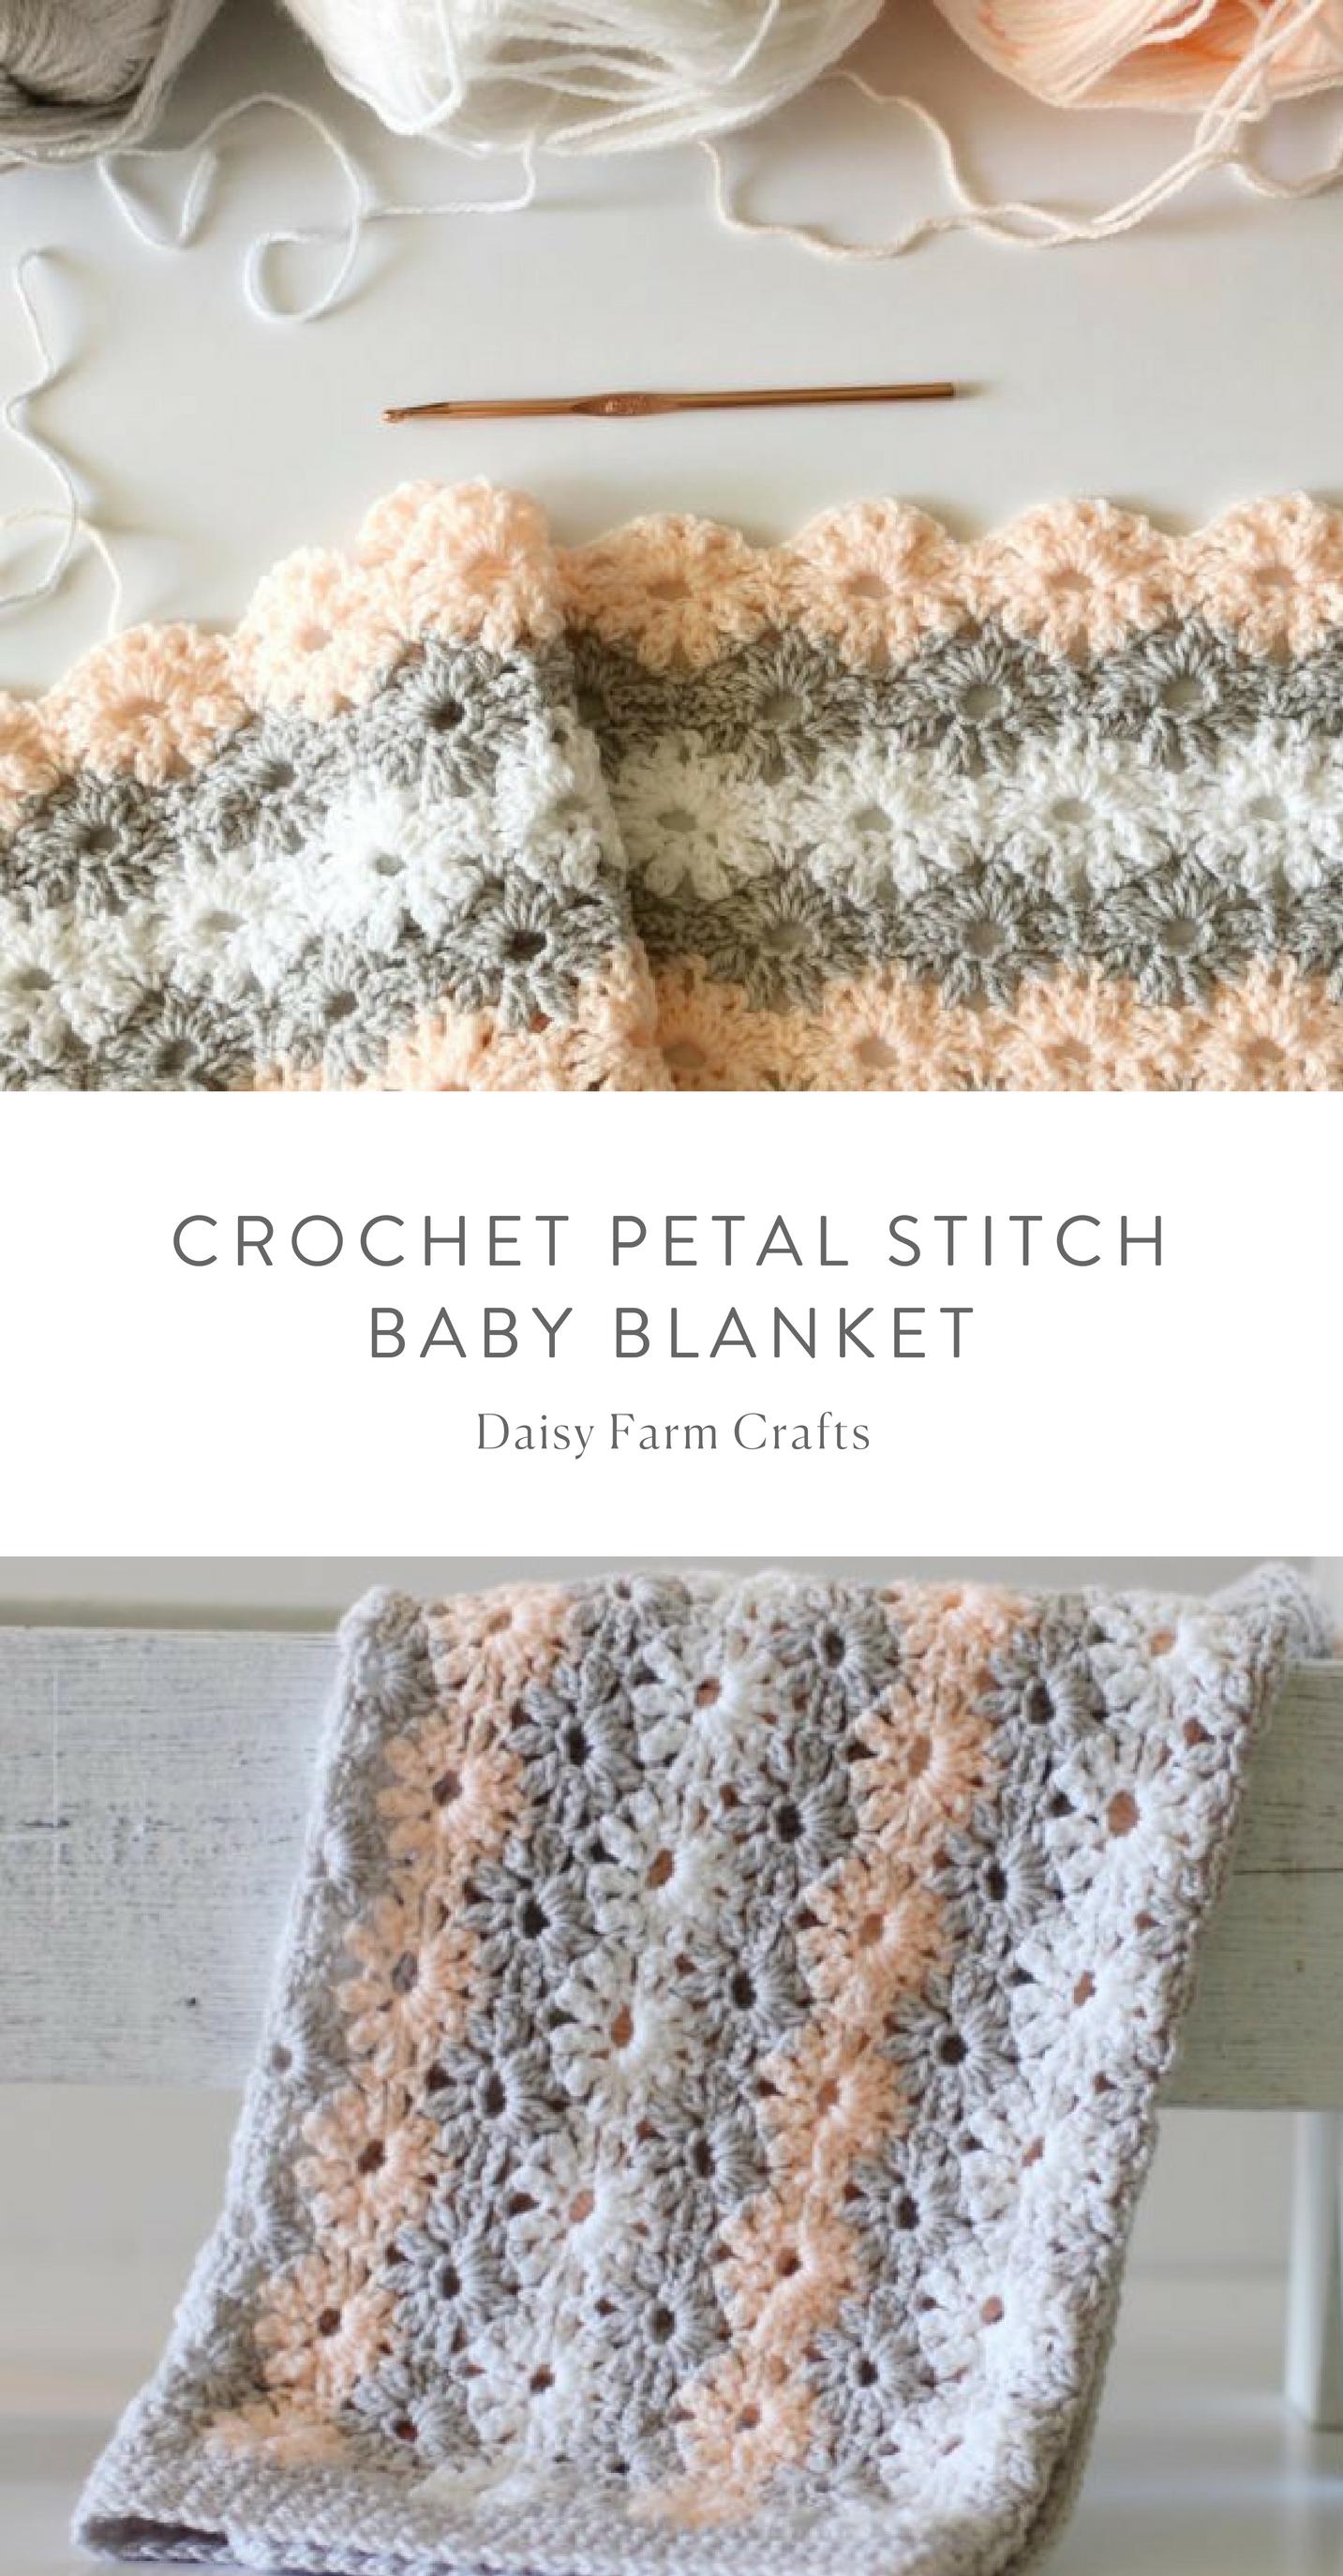 Free Pattern - Crochet Petal Stitch Baby Blanket #crochet | crochet ...